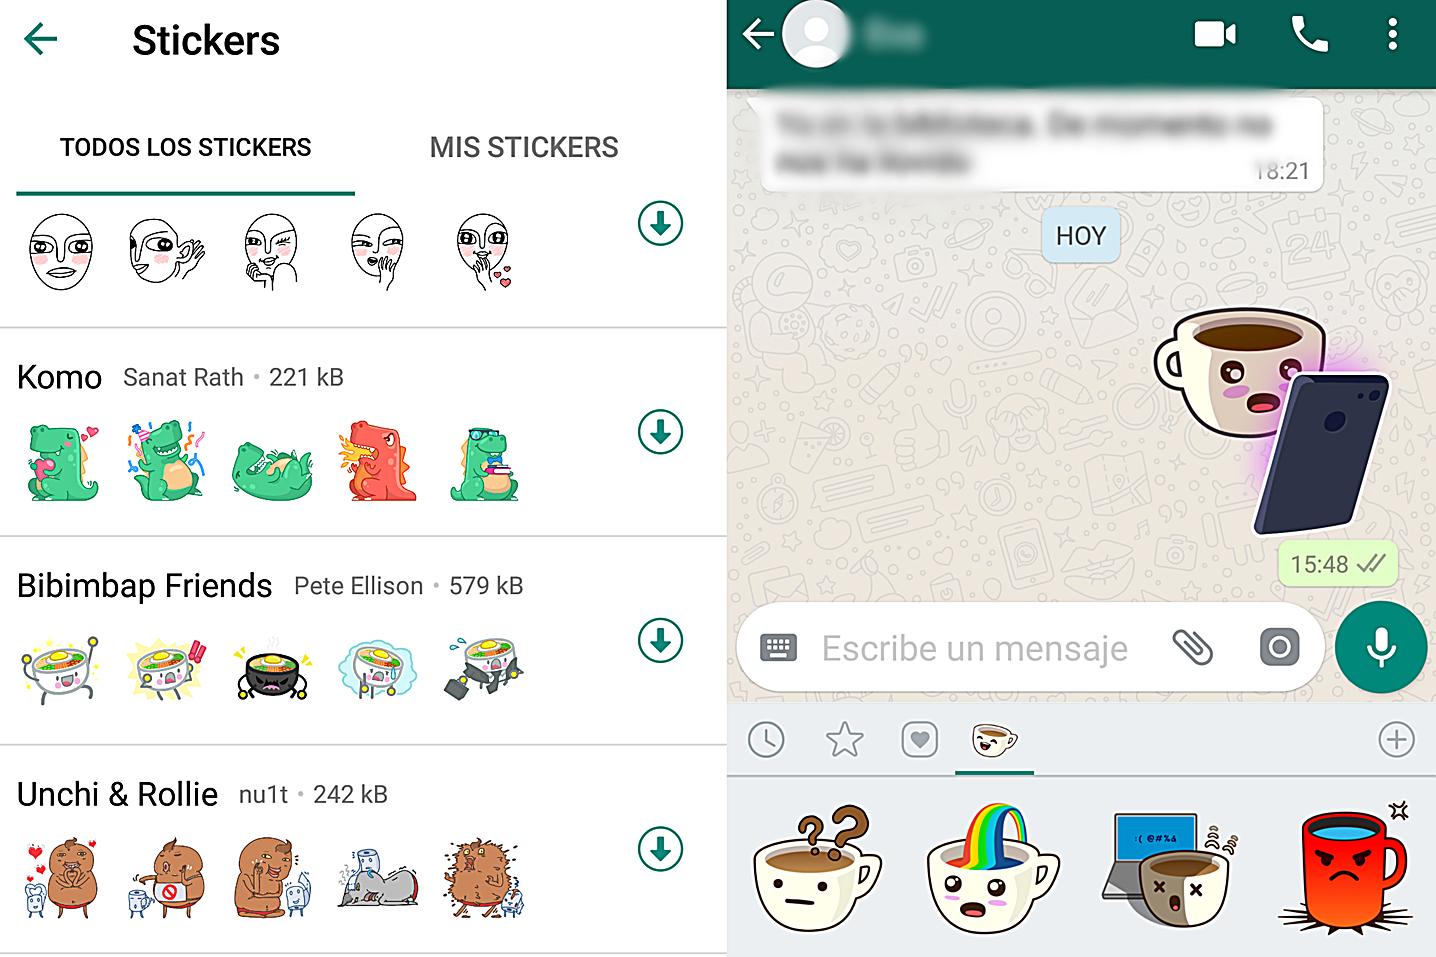 Los stickers de whatsapp están operativos desde hace apenas un mes